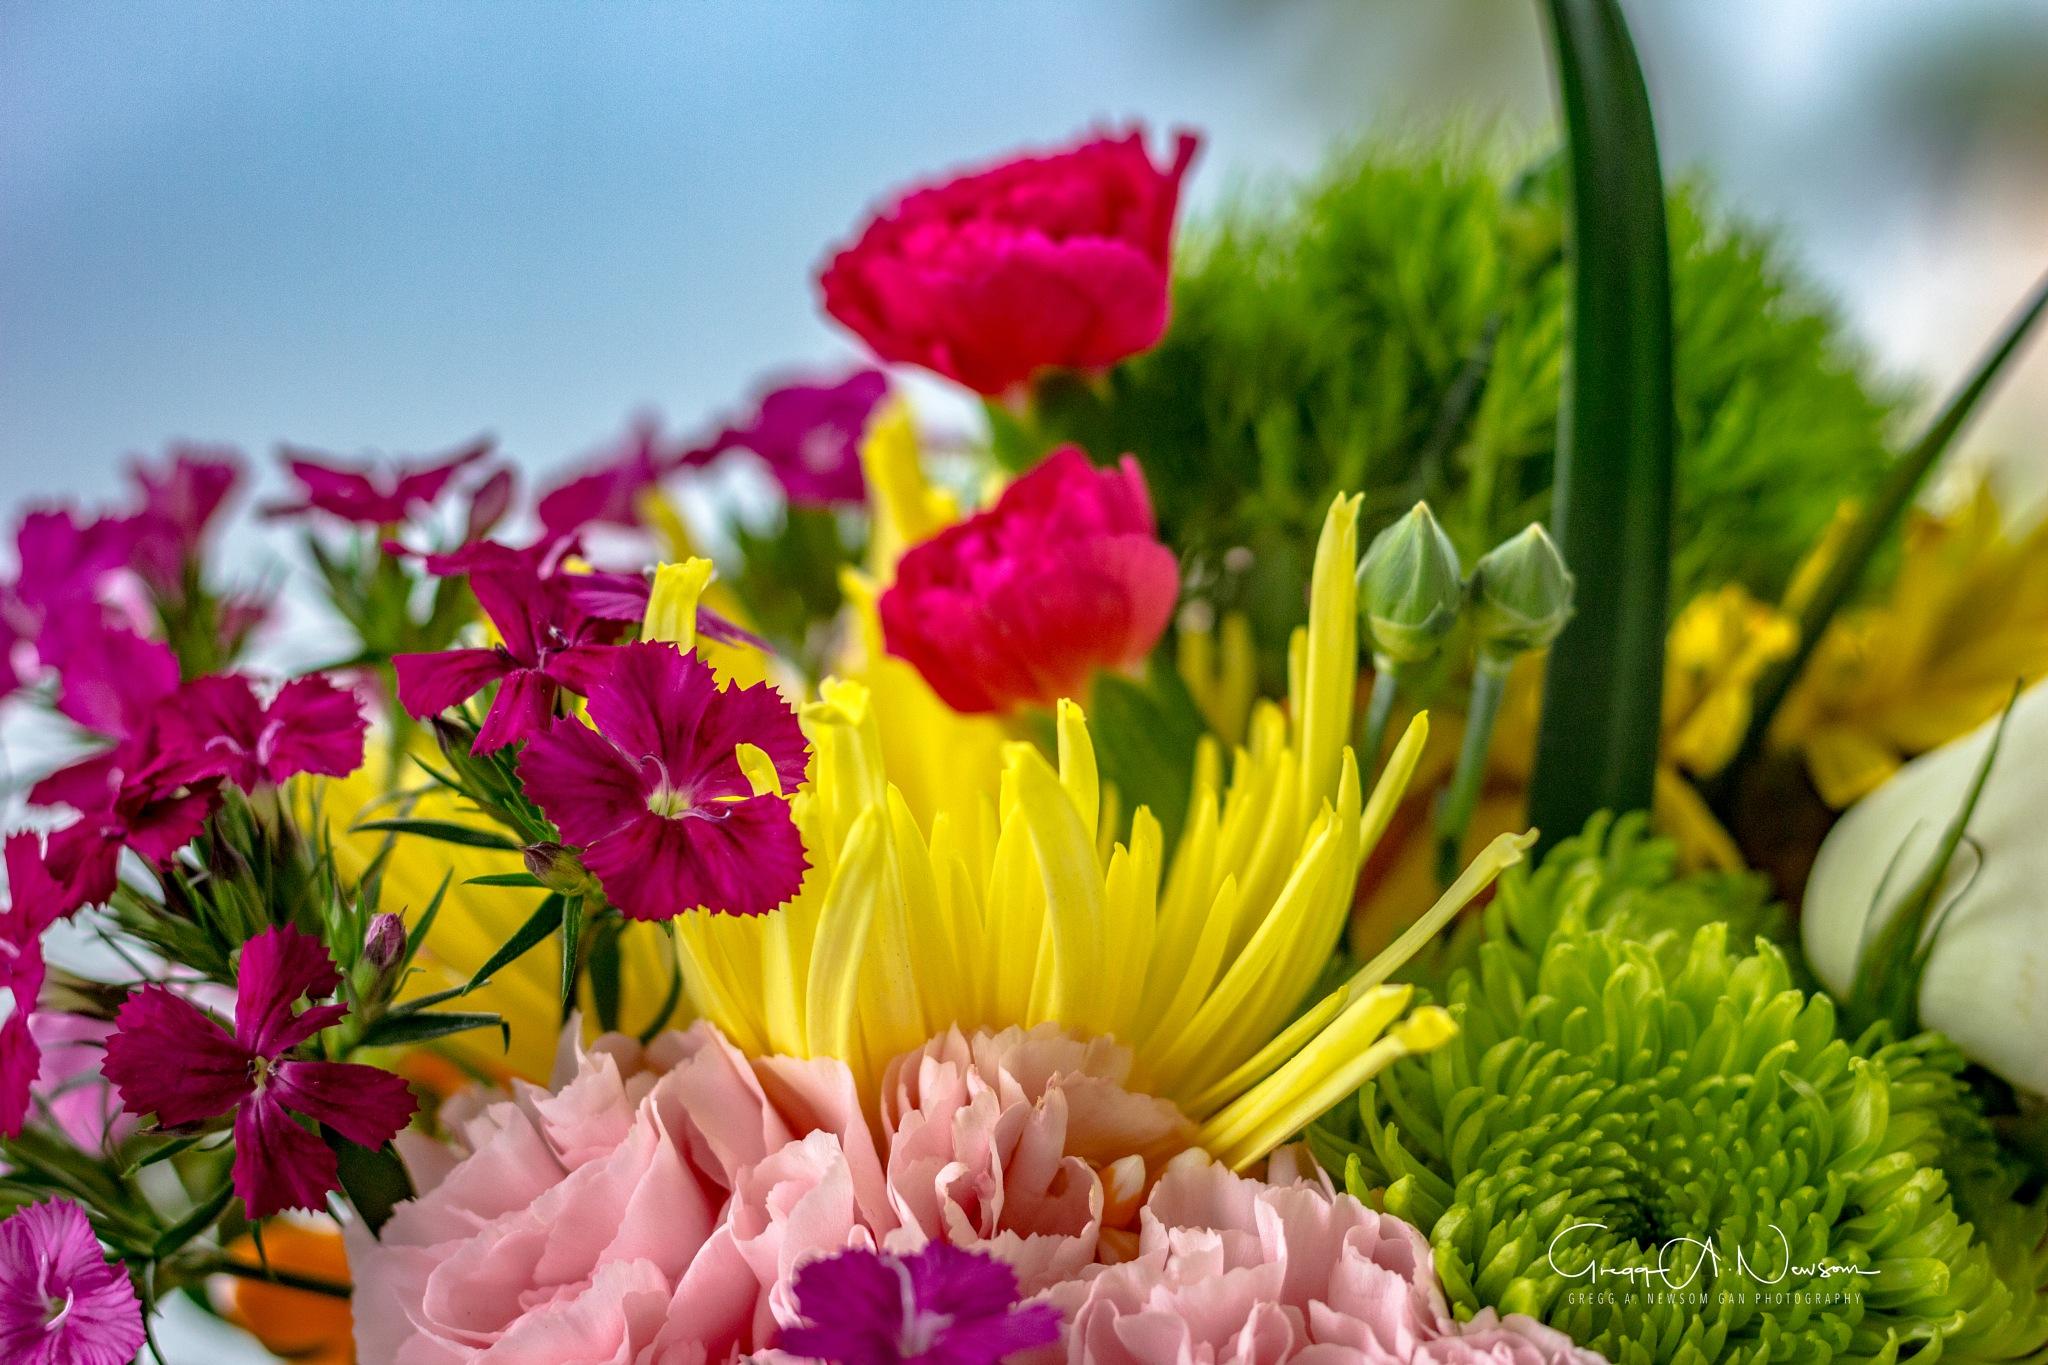 Bouquet 5 by Gnewsom324